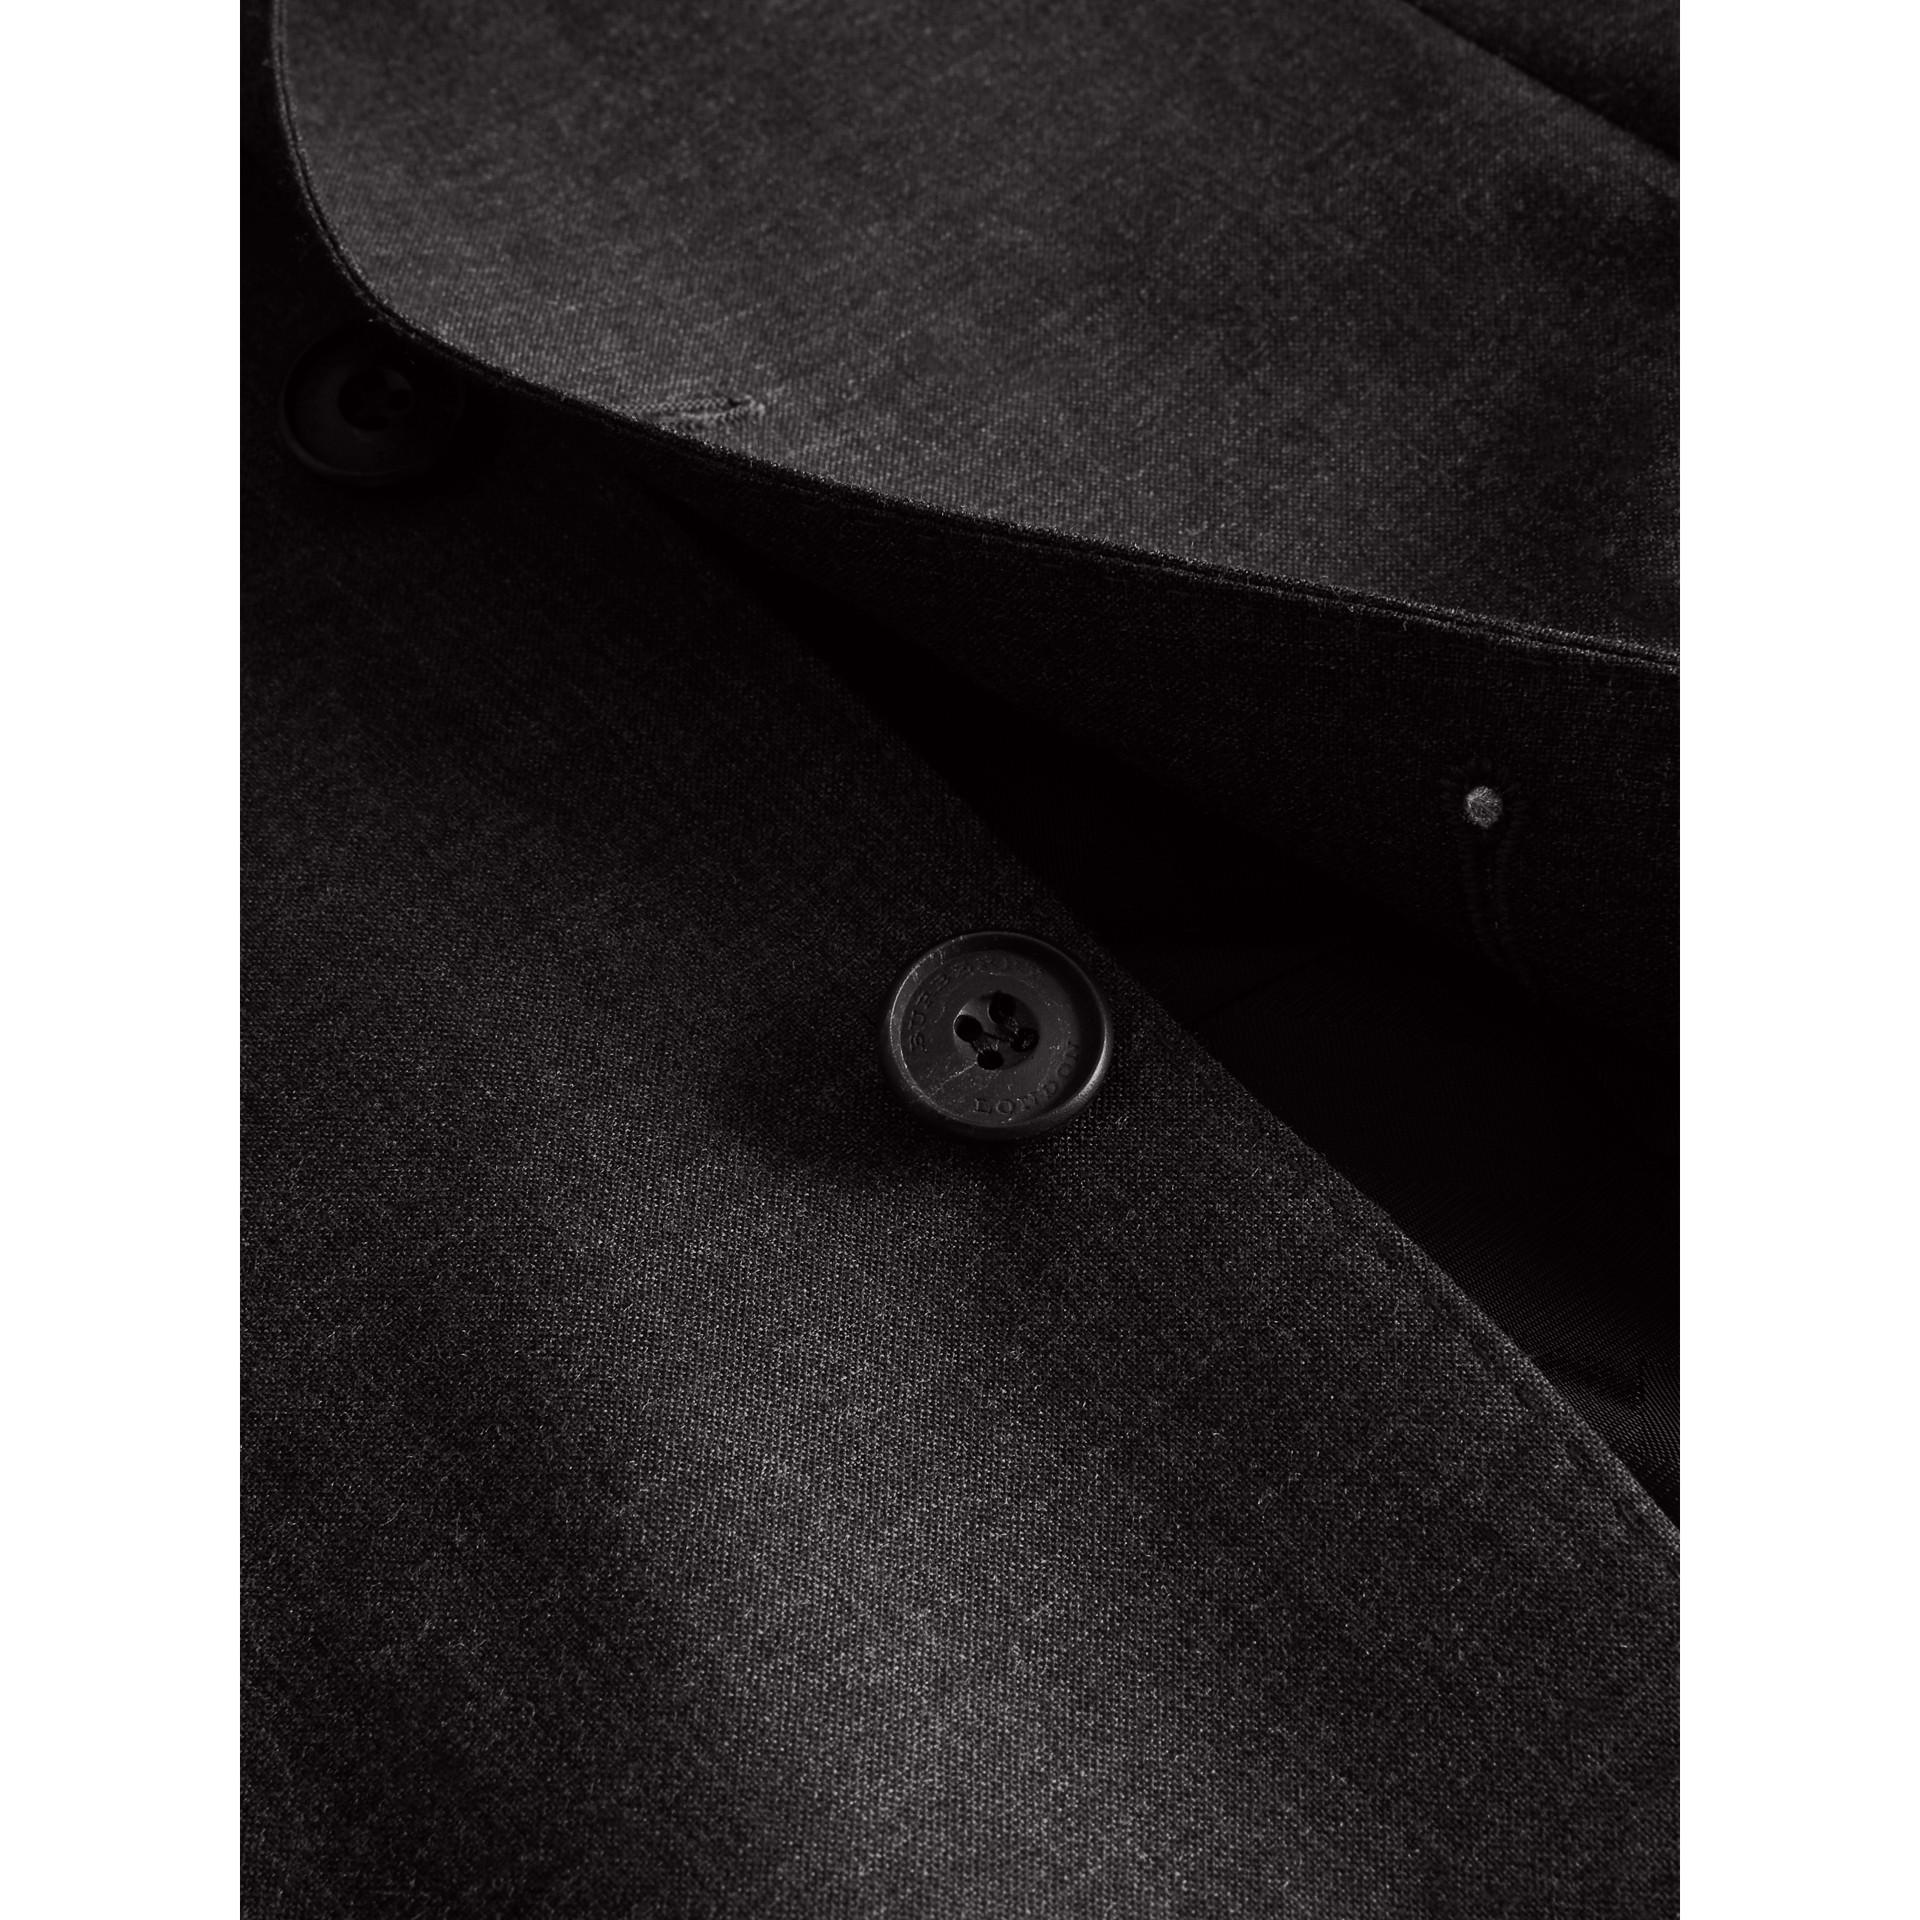 Modern geschnittener Part-Canvas-Anzug aus Wolle (Anthrazitfarben) - Herren | Burberry - Galerie-Bild 2